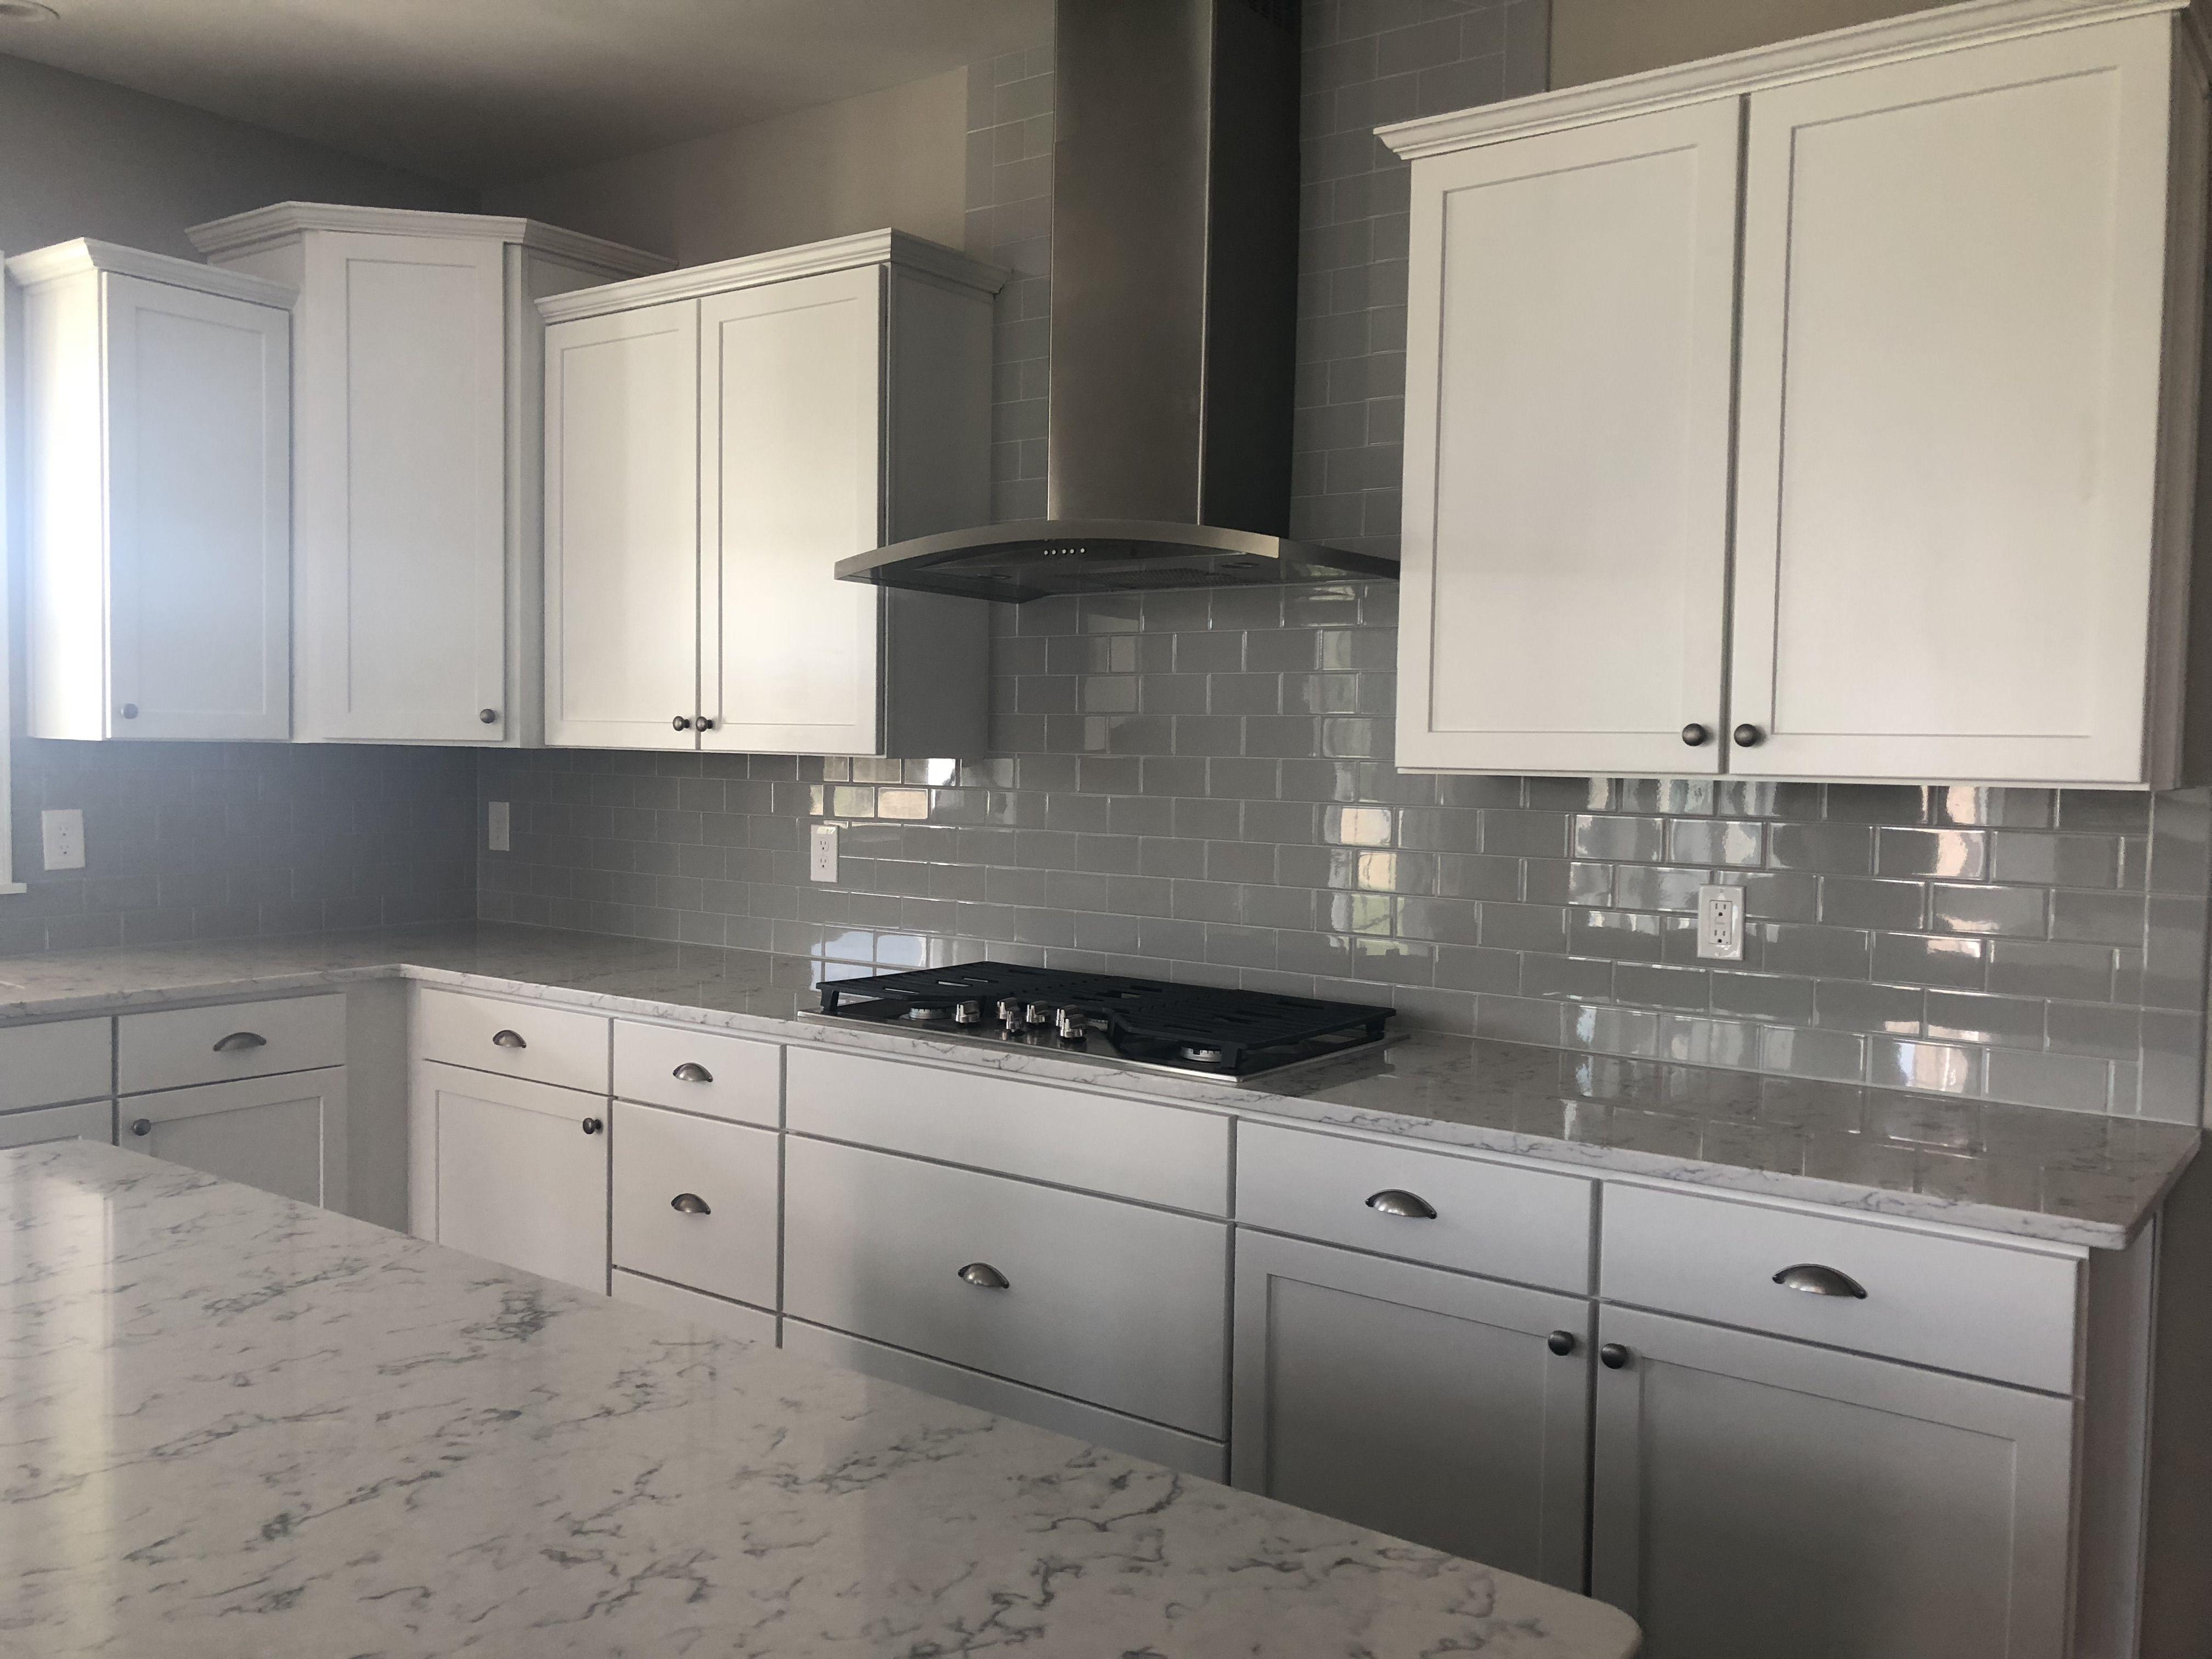 Winstead White Perimeter Cabinets Gourmet Kitchen Kitchen Design Kitchen Sweet Home